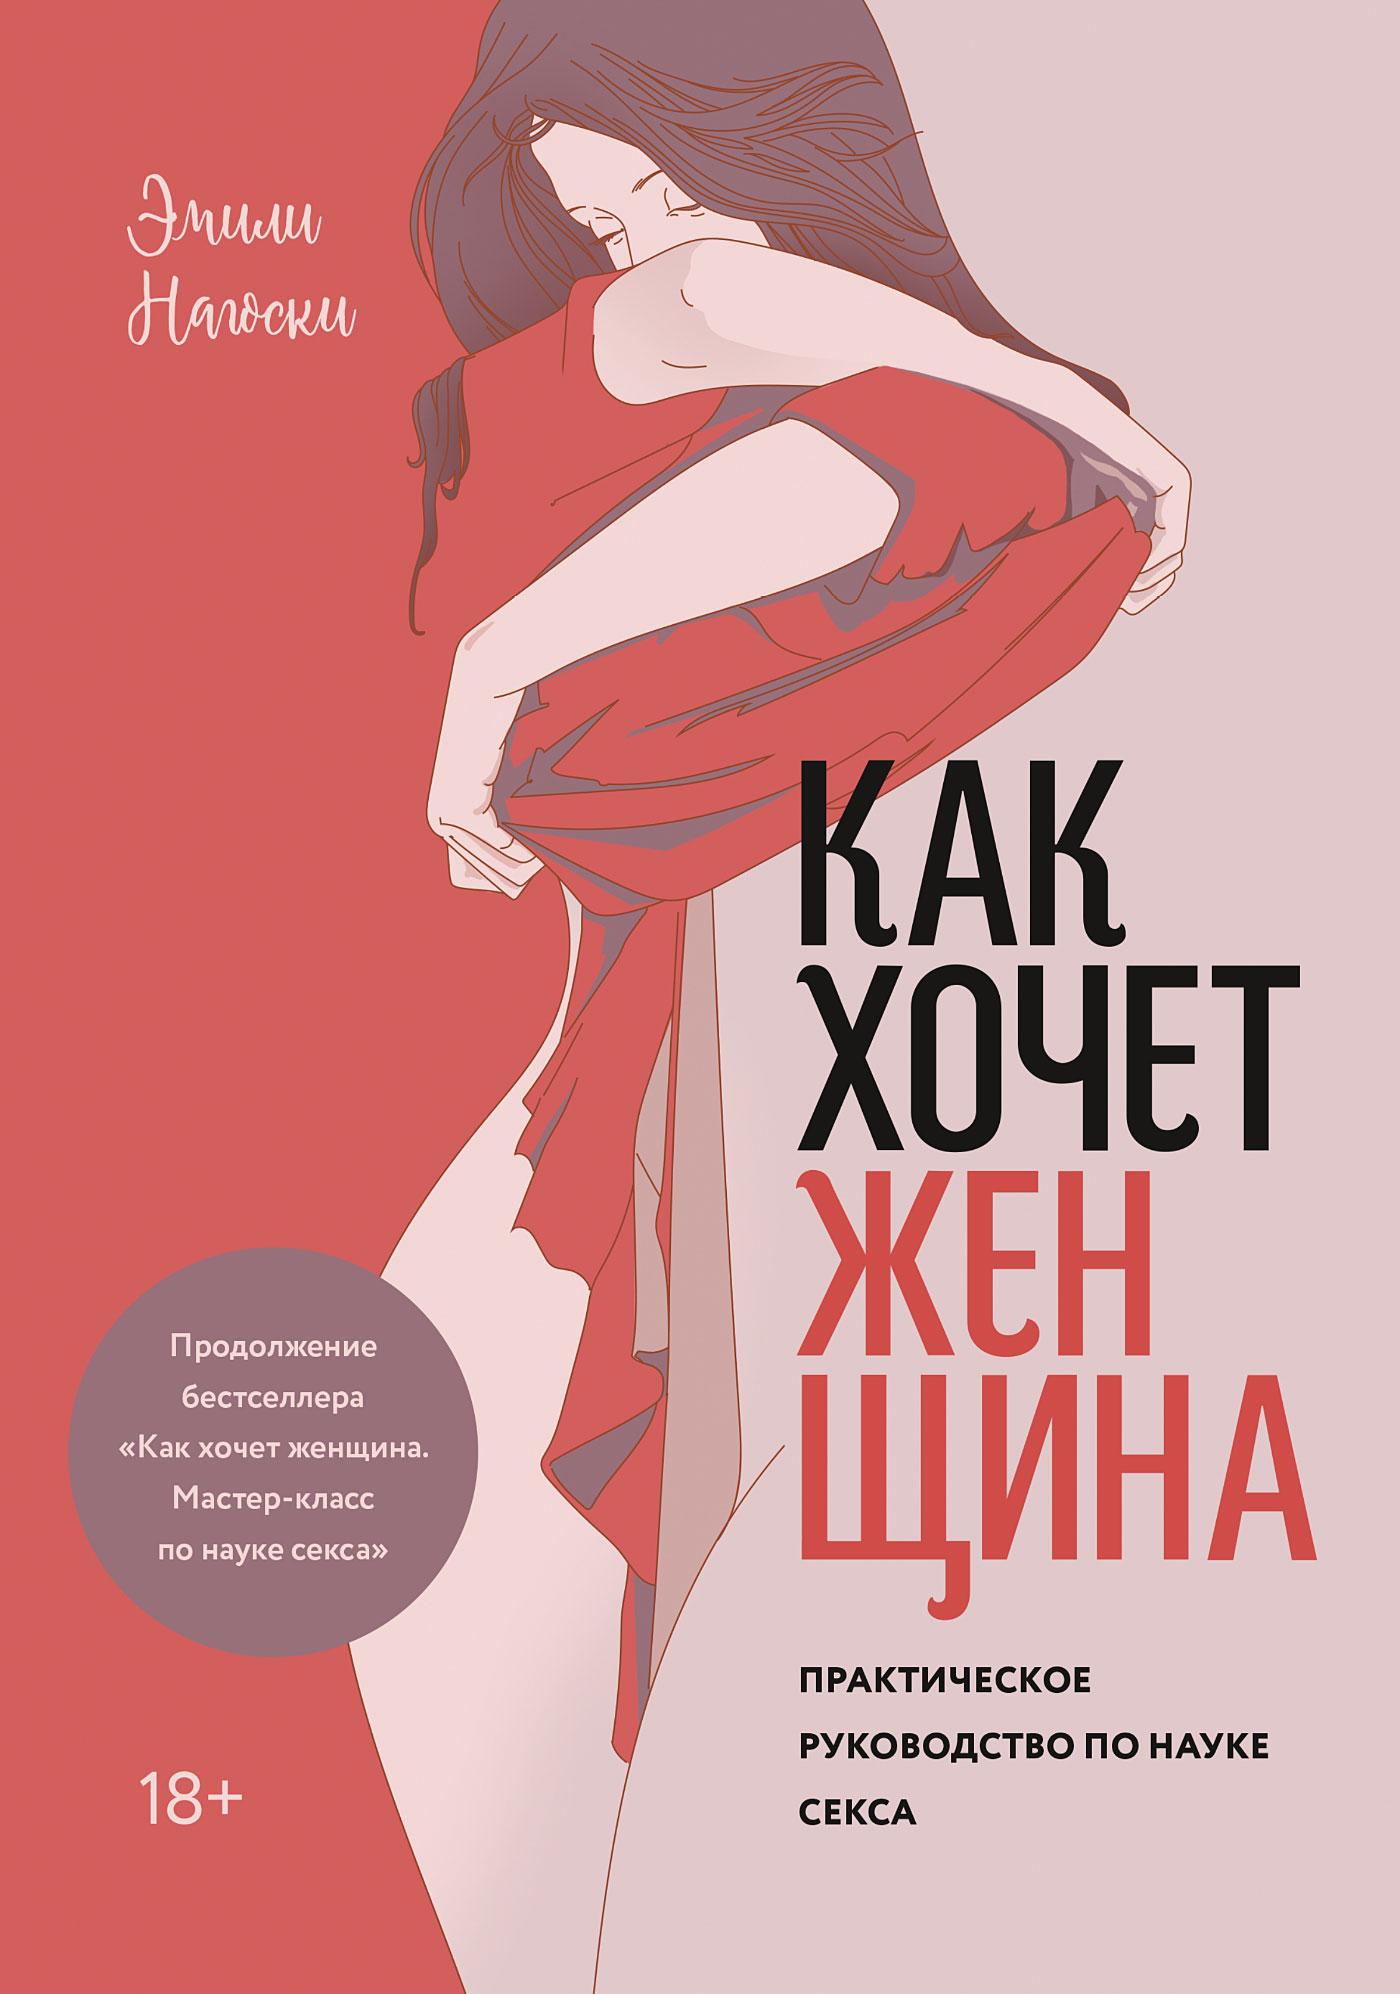 Купить книгу Как хочет женщина. Практическое руководство по науке секса, автора Эмили Нагоски